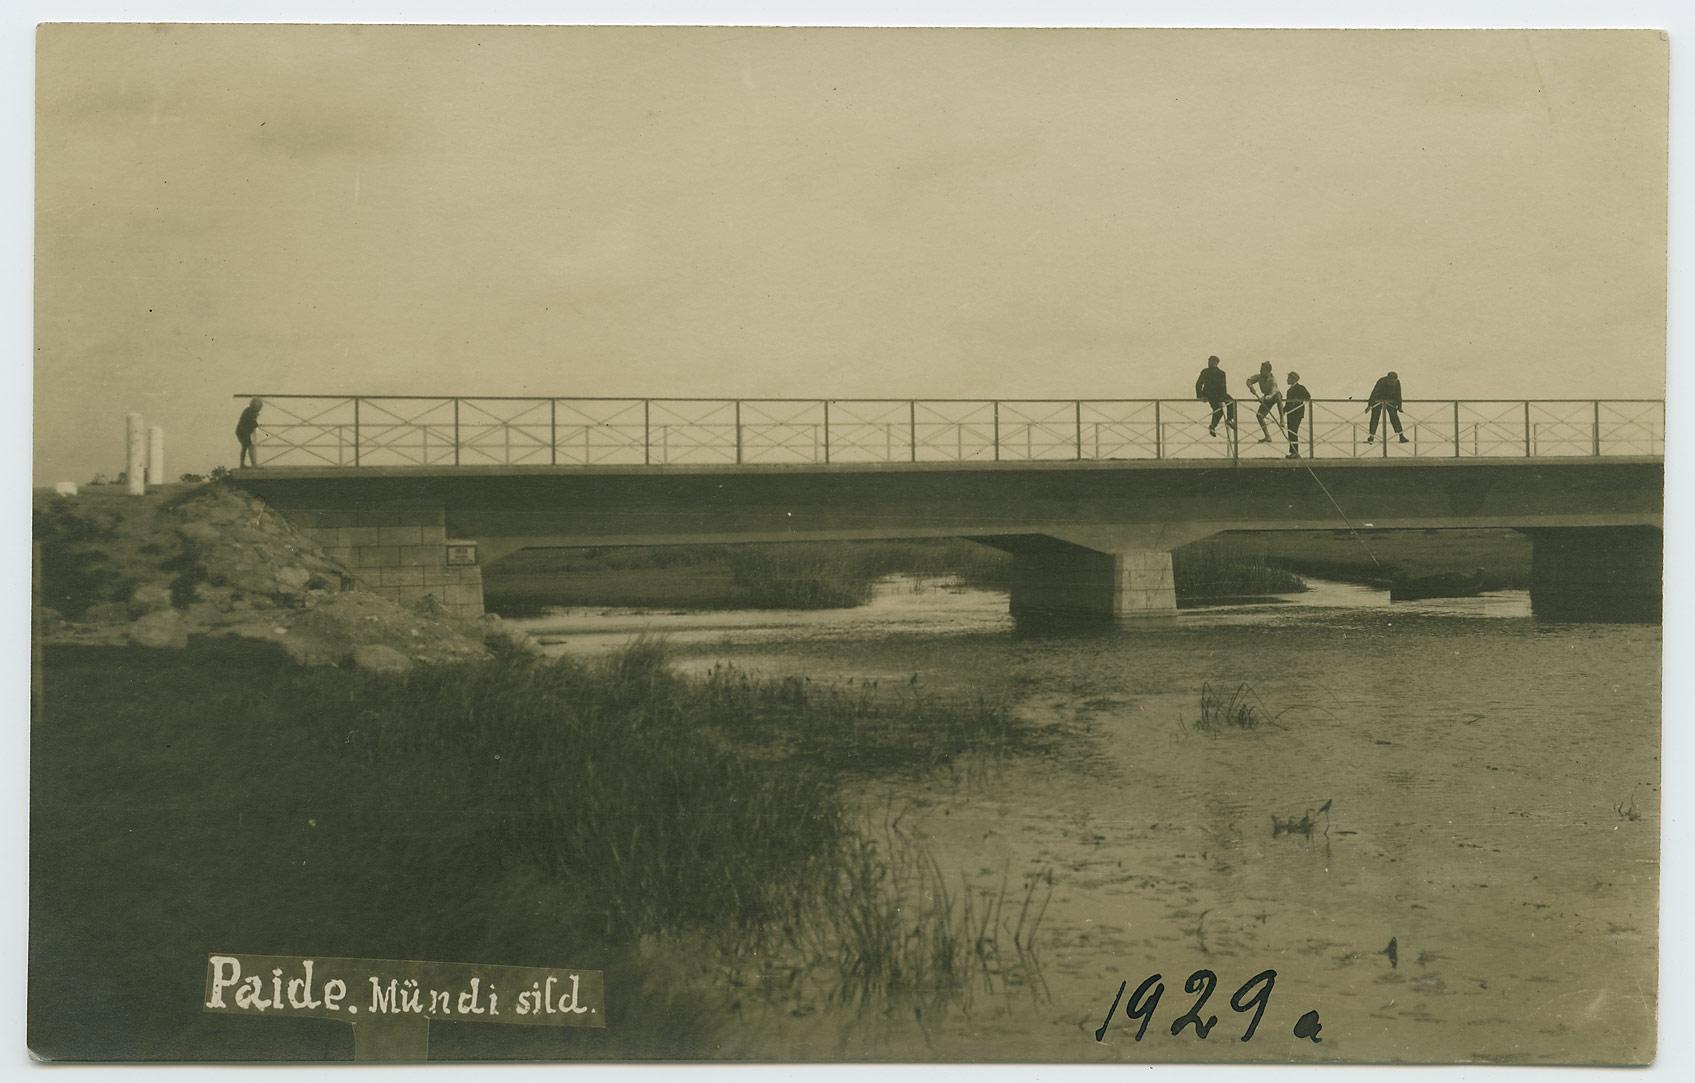 Paide-Mündi-Sild-1929